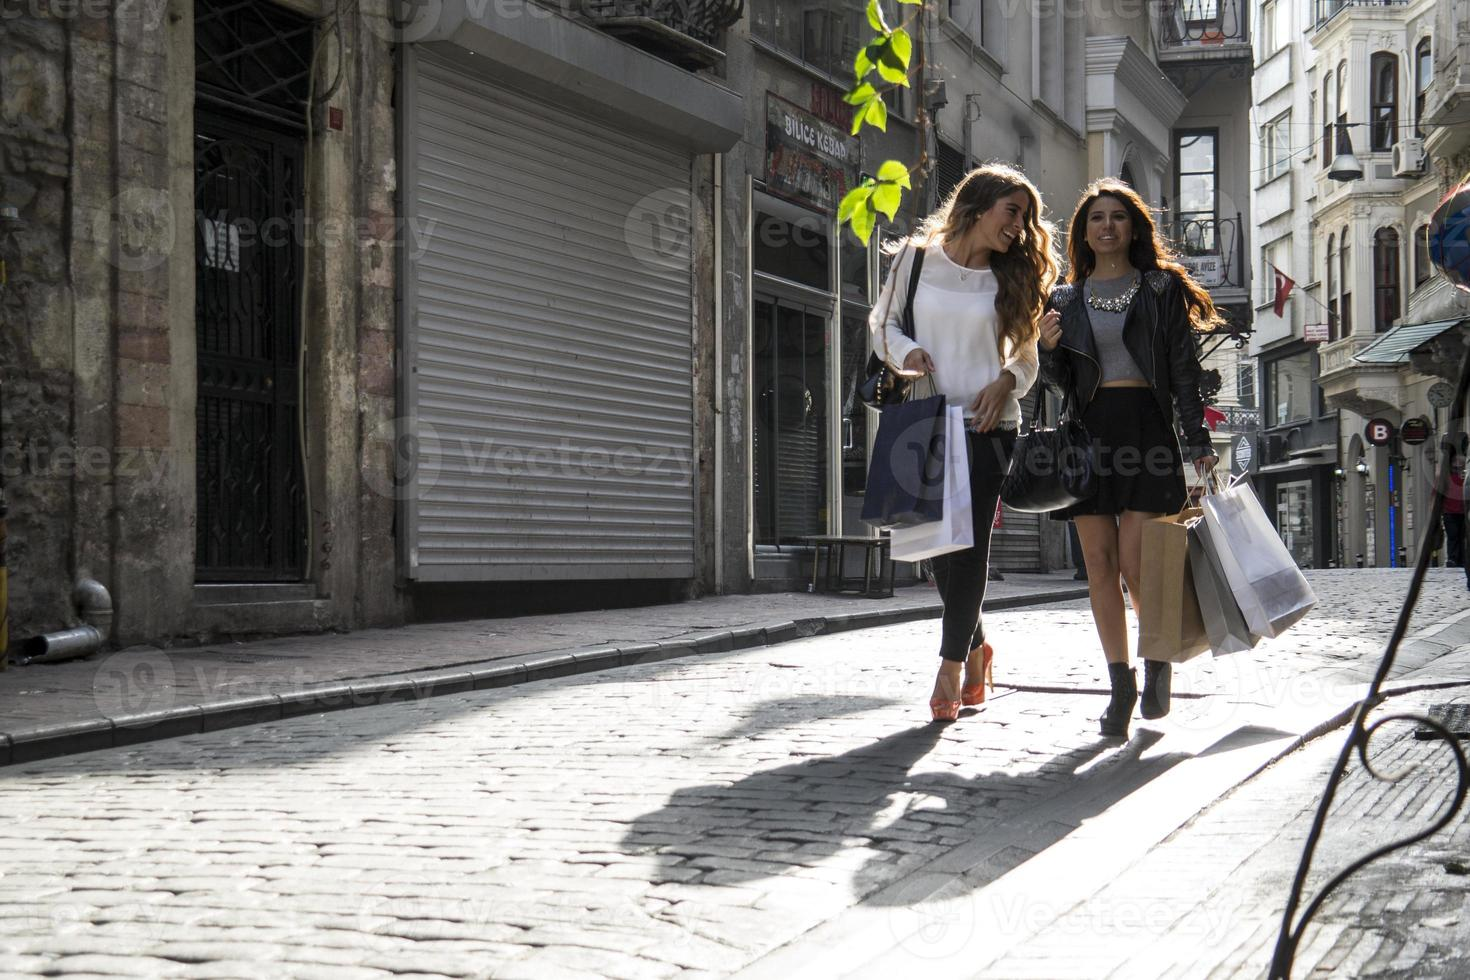 due ragazze nello shopping per strada foto